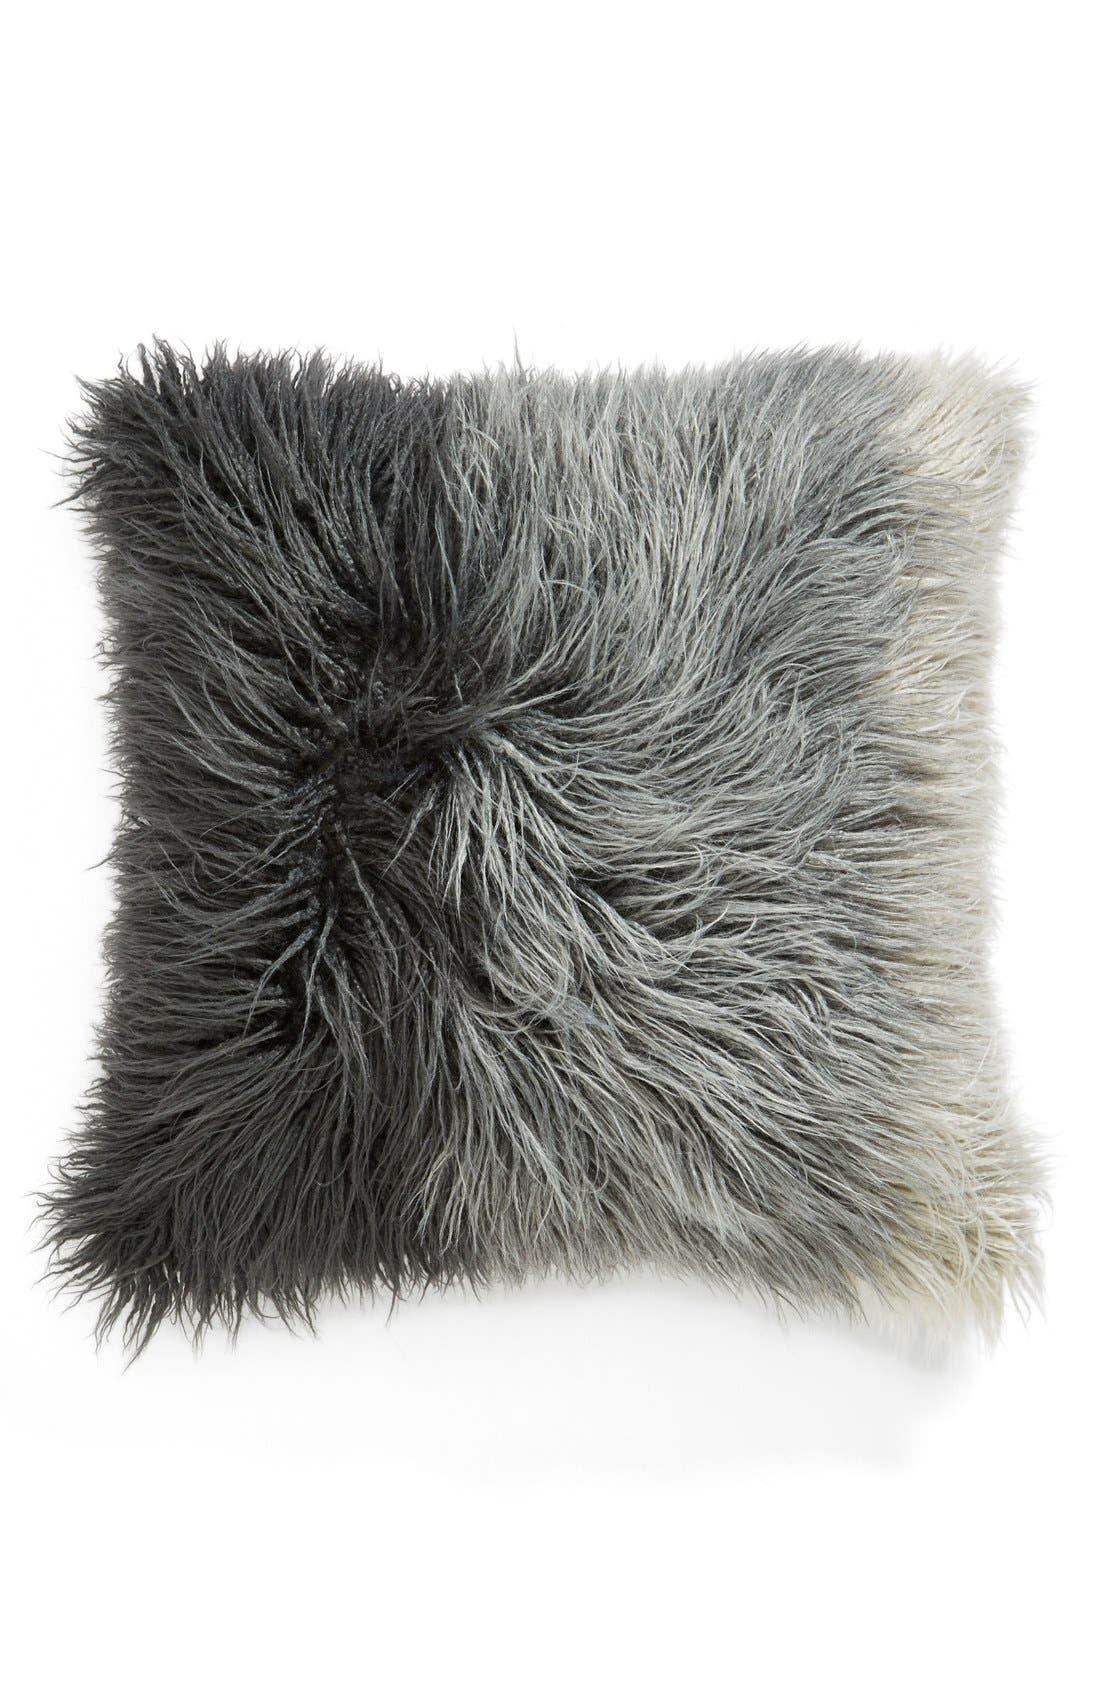 Ombré Faux Fur Flokati Accent Pillow,                             Main thumbnail 1, color,